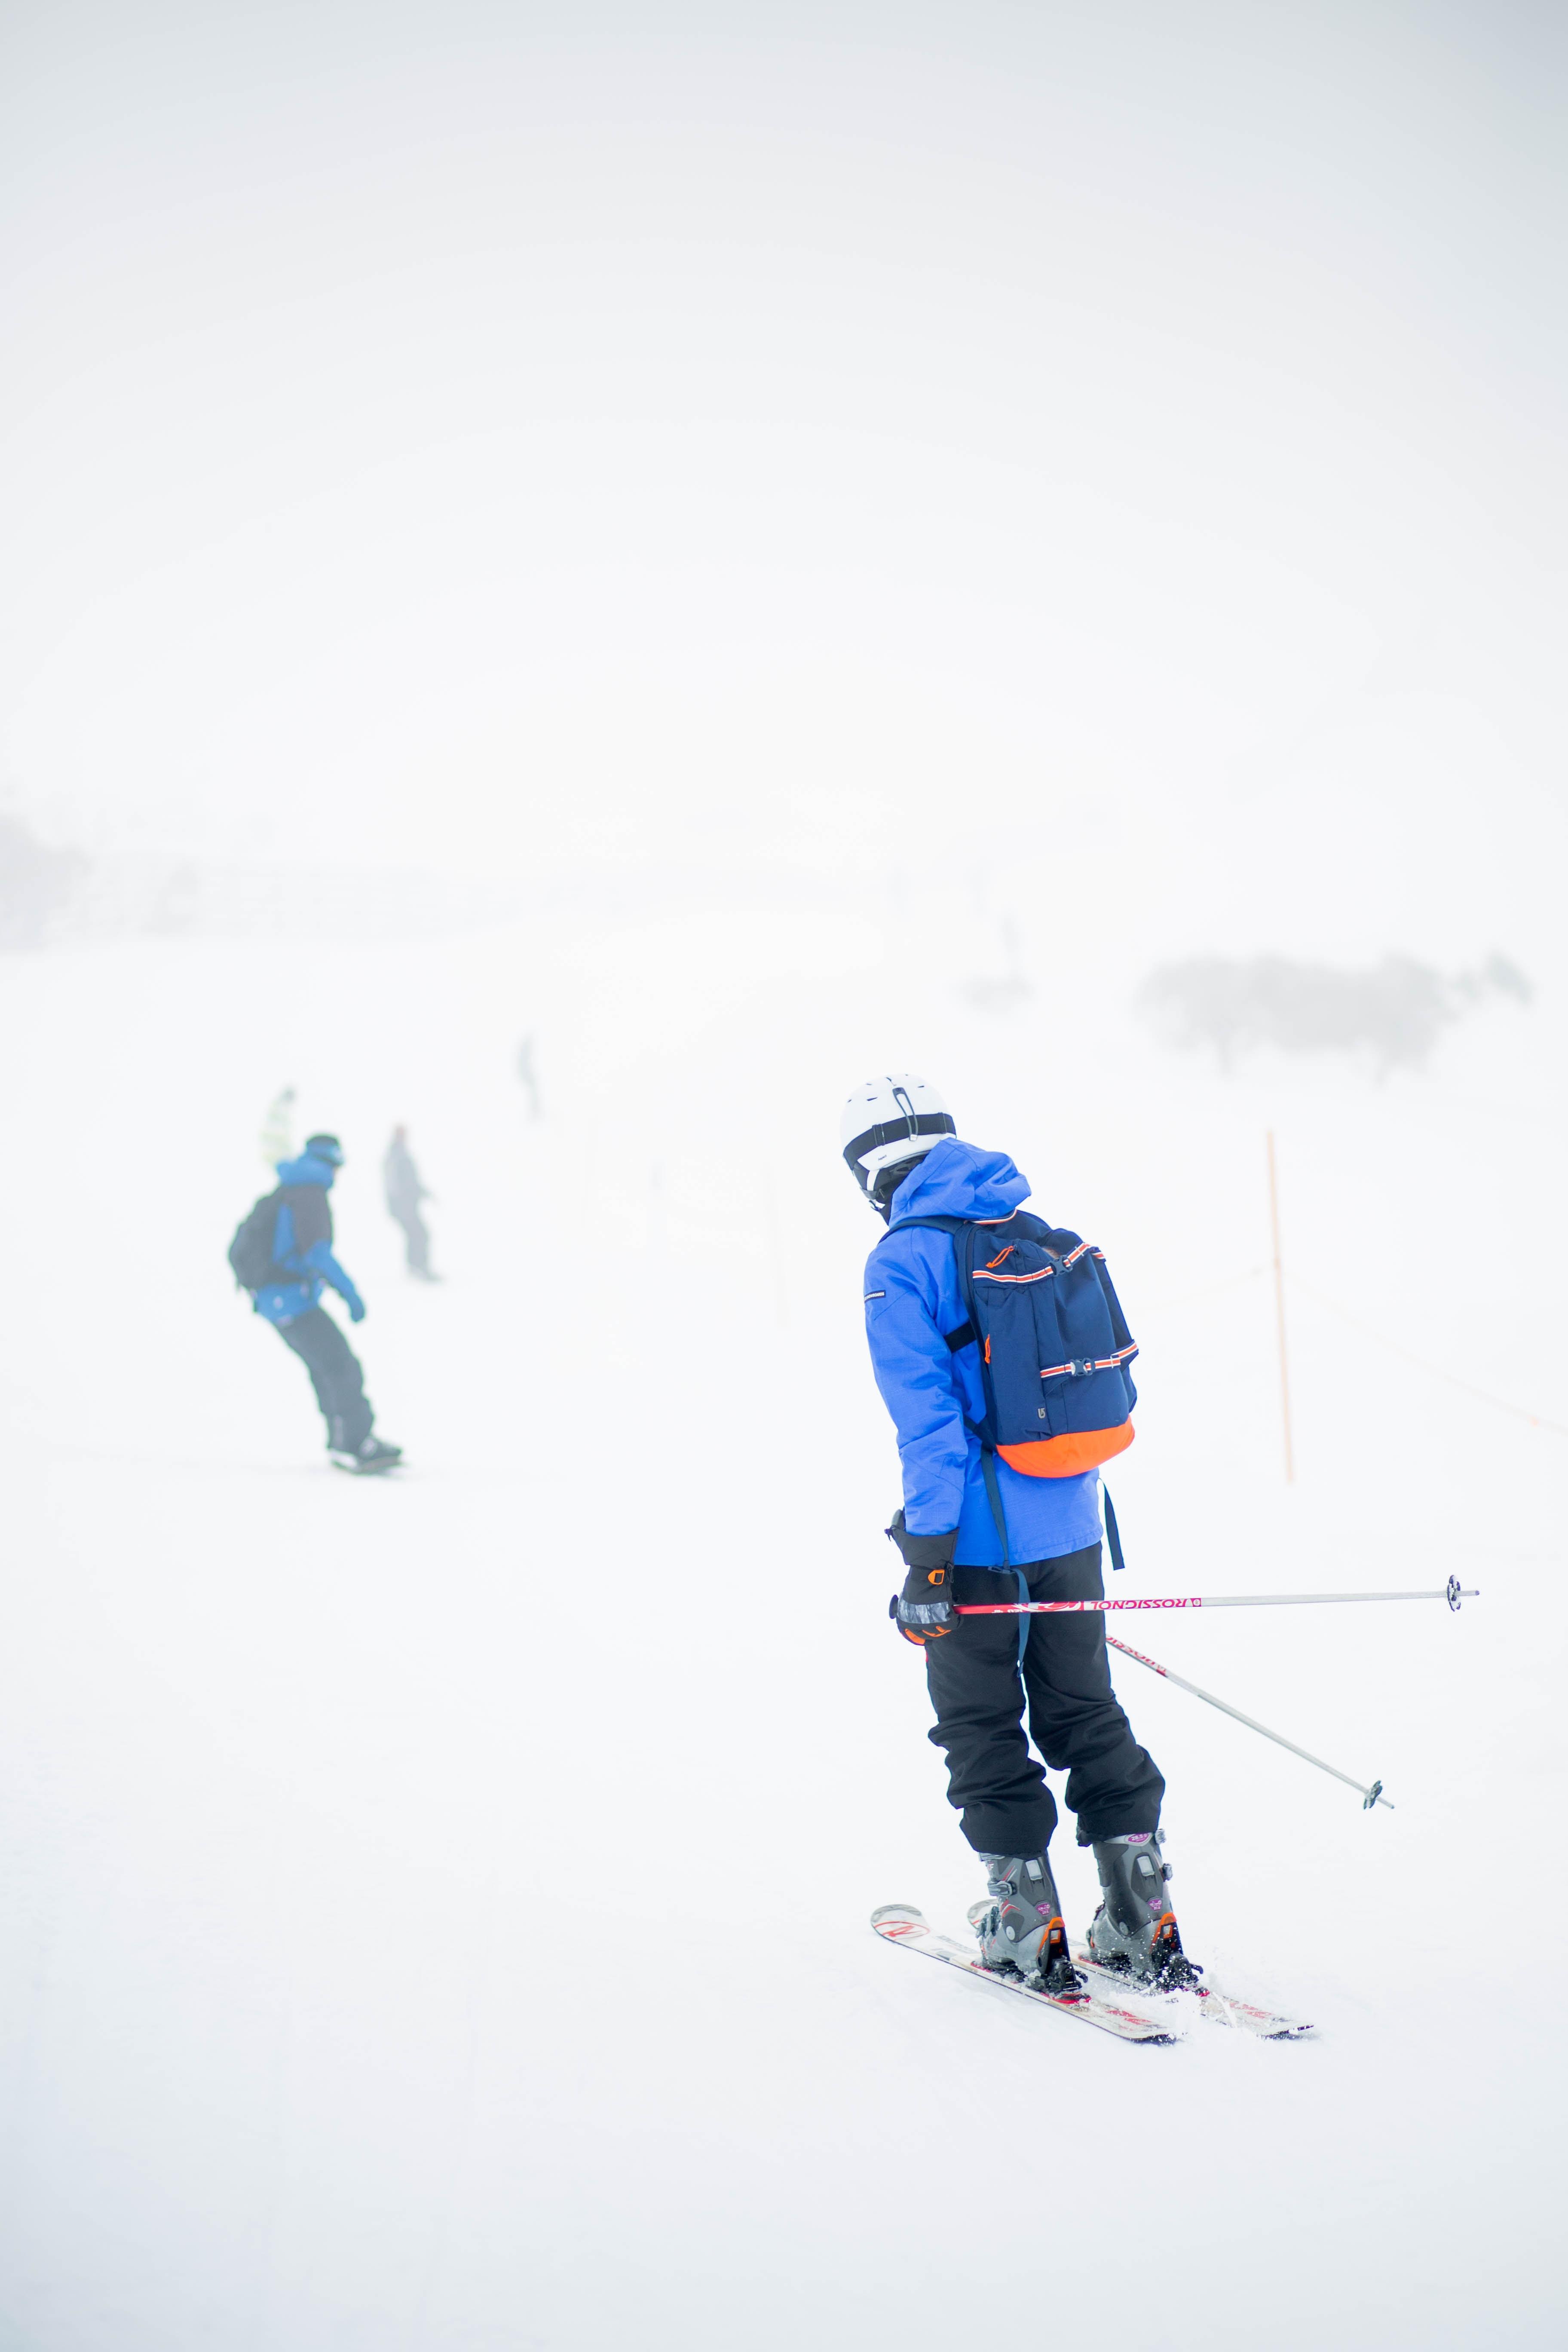 man skiing on ice